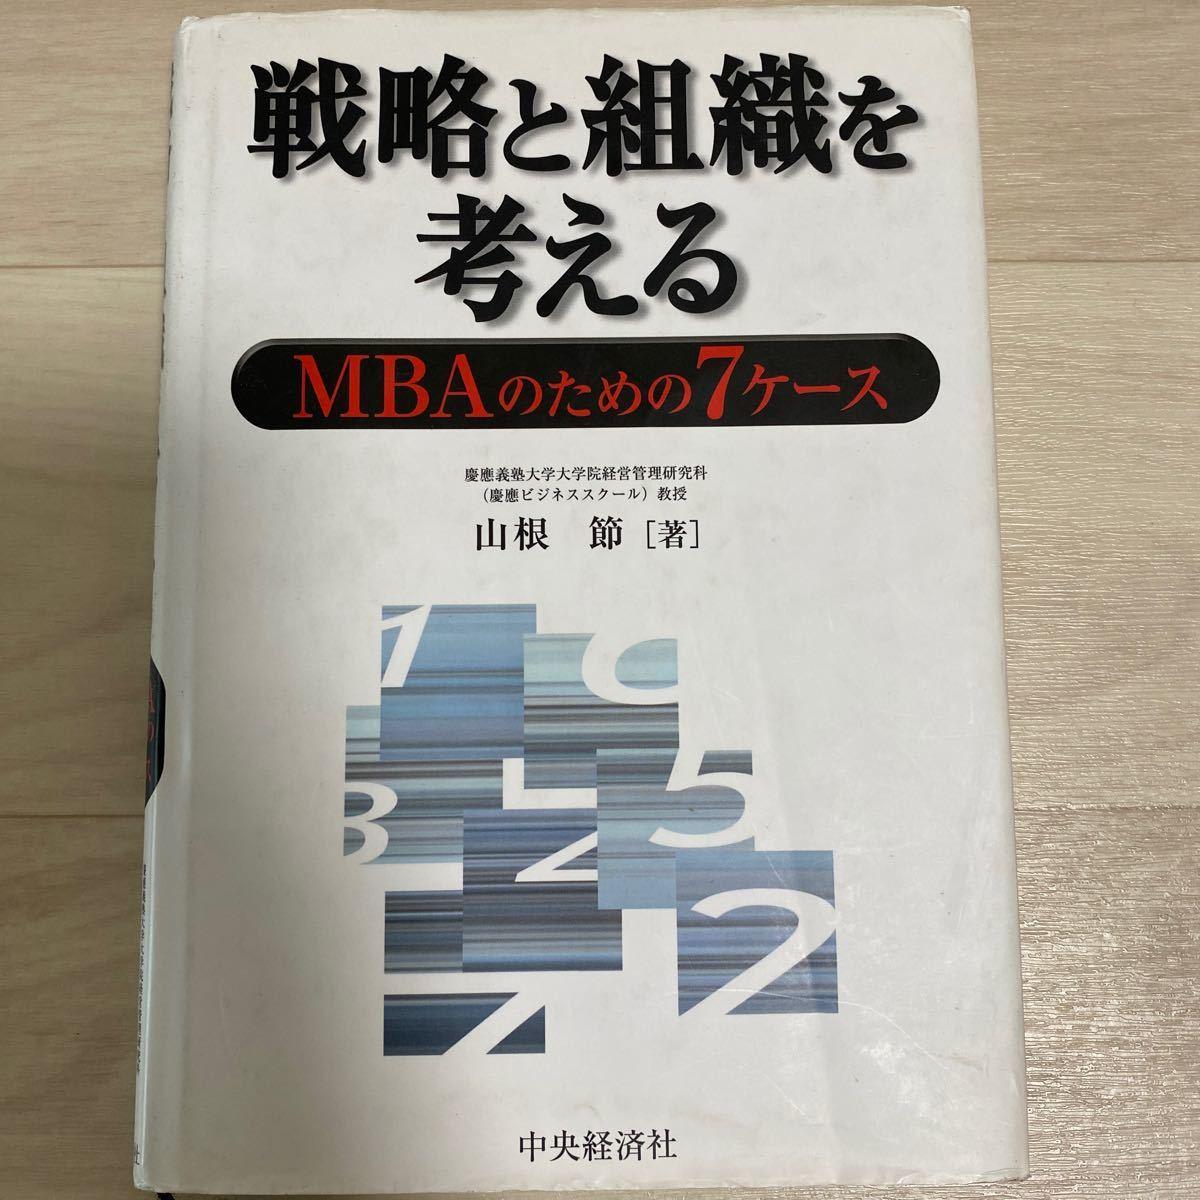 戦略と組織を考える MBAのための7ケ-ス/中央経済社/山根節 (単行本)